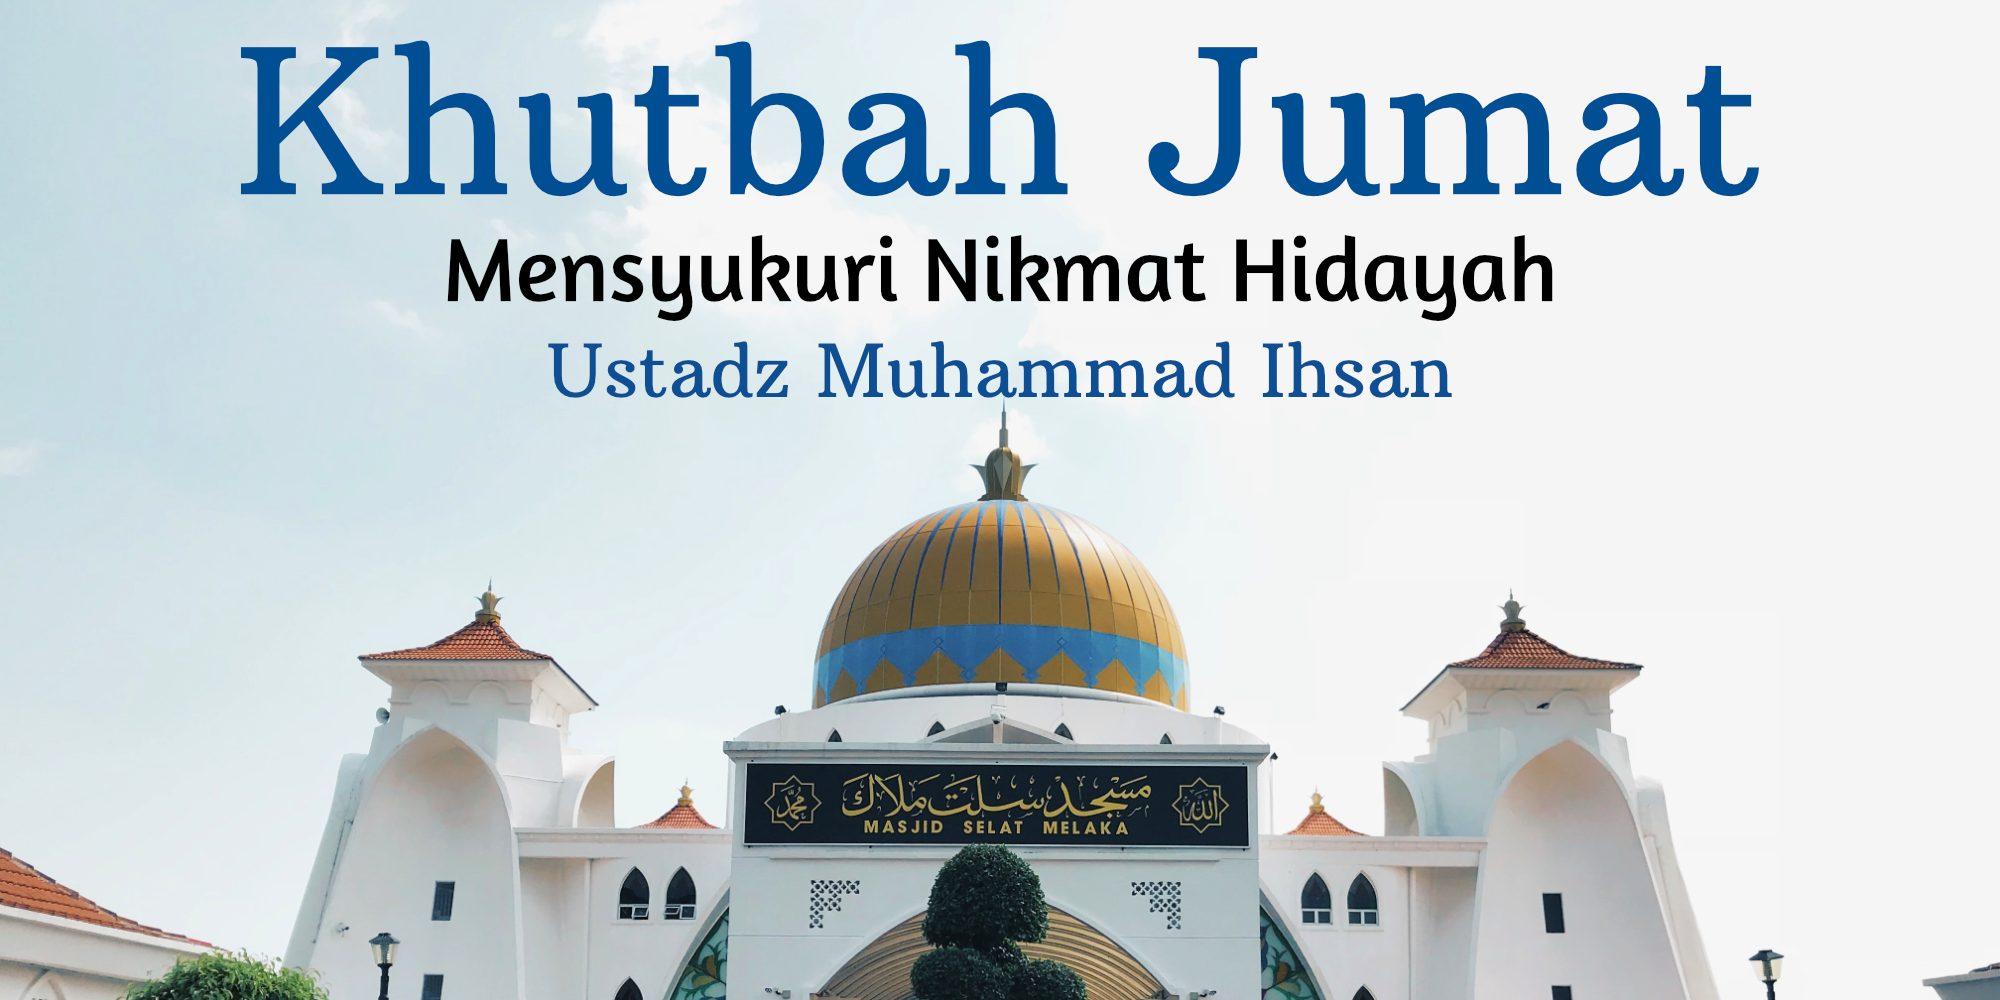 khutbah jumat mensyukuri nikmat hidayah bimbingan islam